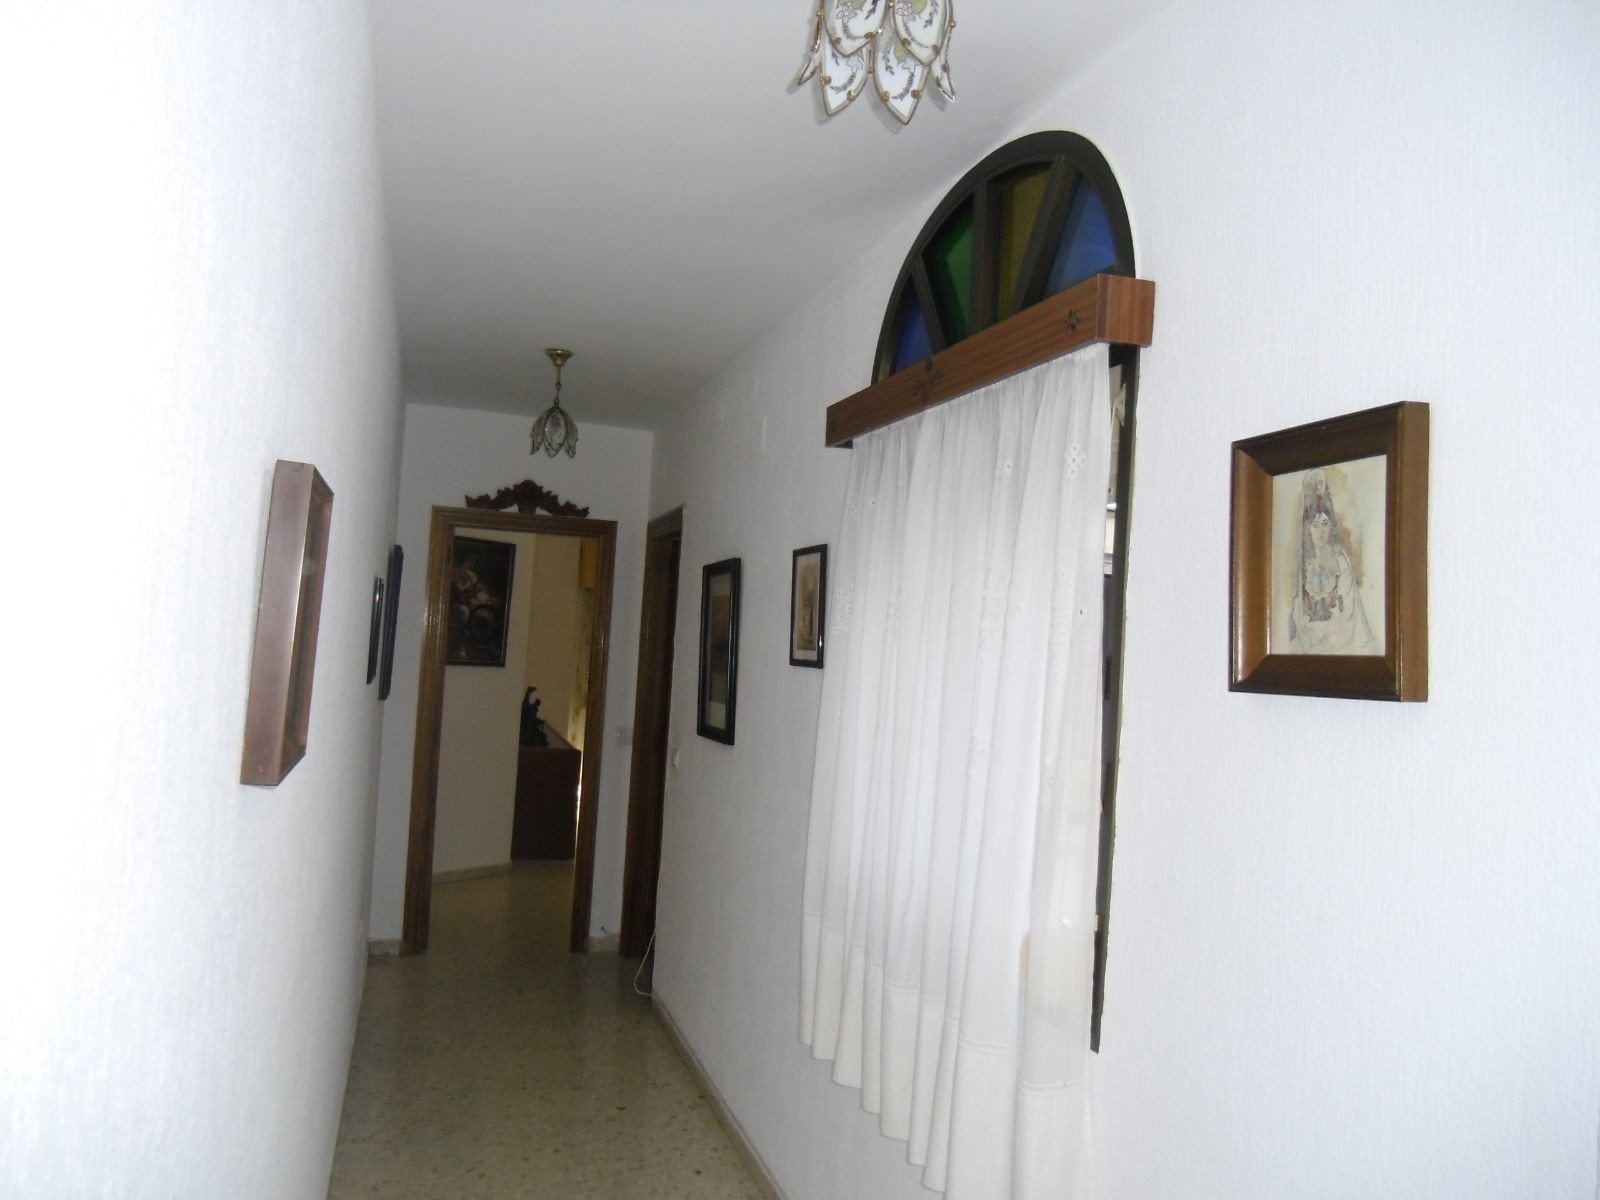 piso-amplio-luminoso-a-10-minutos-universidad-huelva-81623a59482aa72d2a16b9c93a238f23